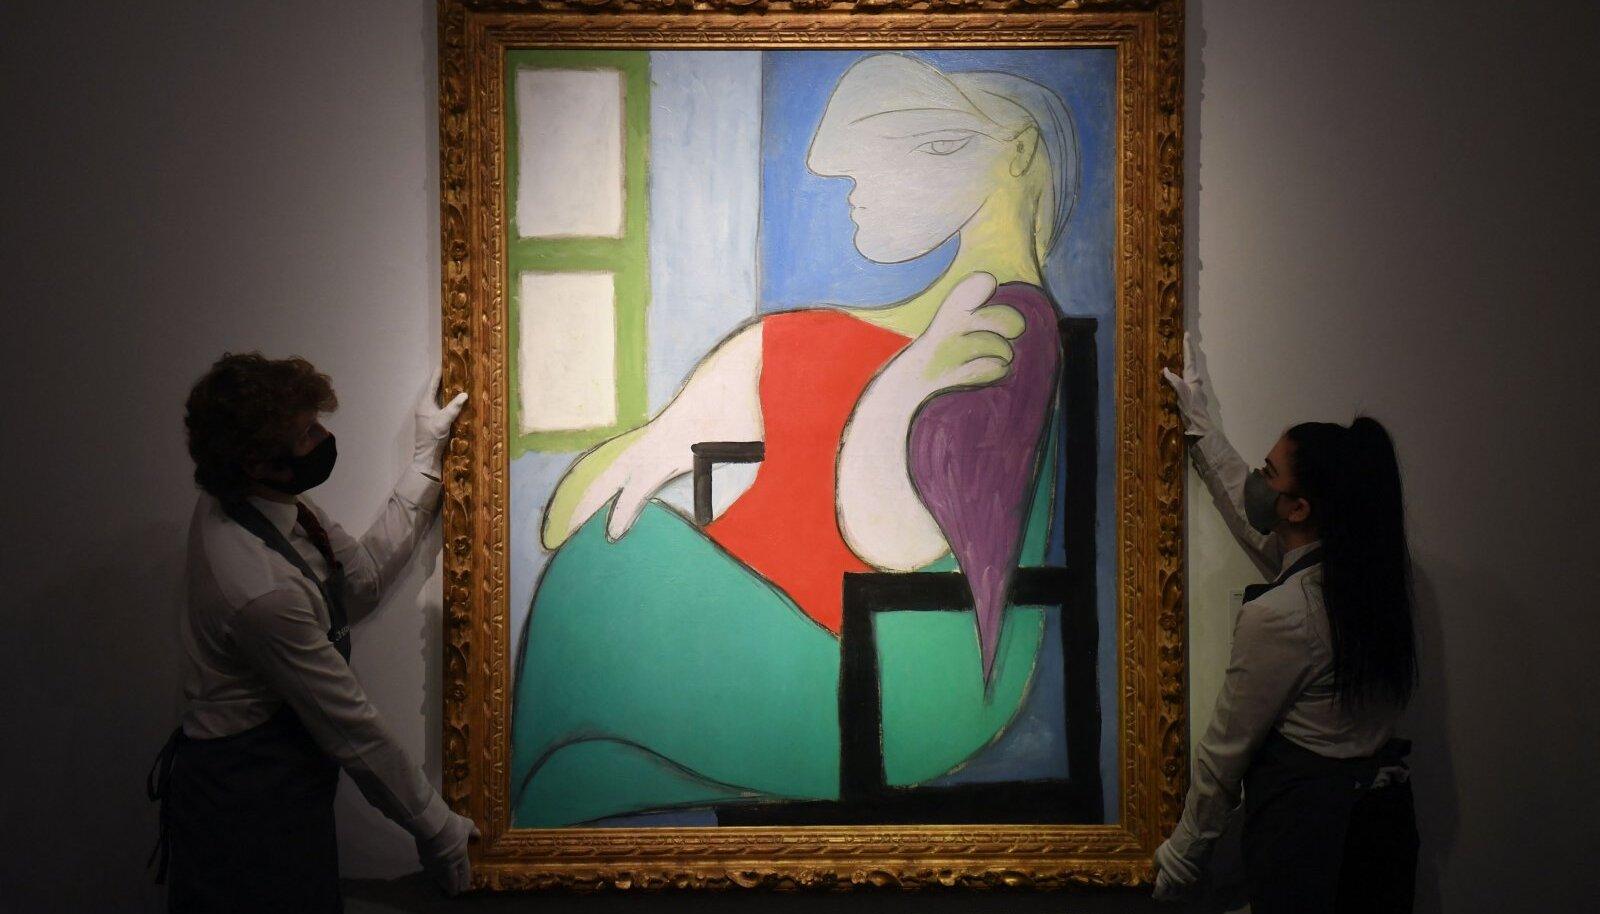 Pablo Picasso viies maal, mis müünud 100 miljoni dollari eest